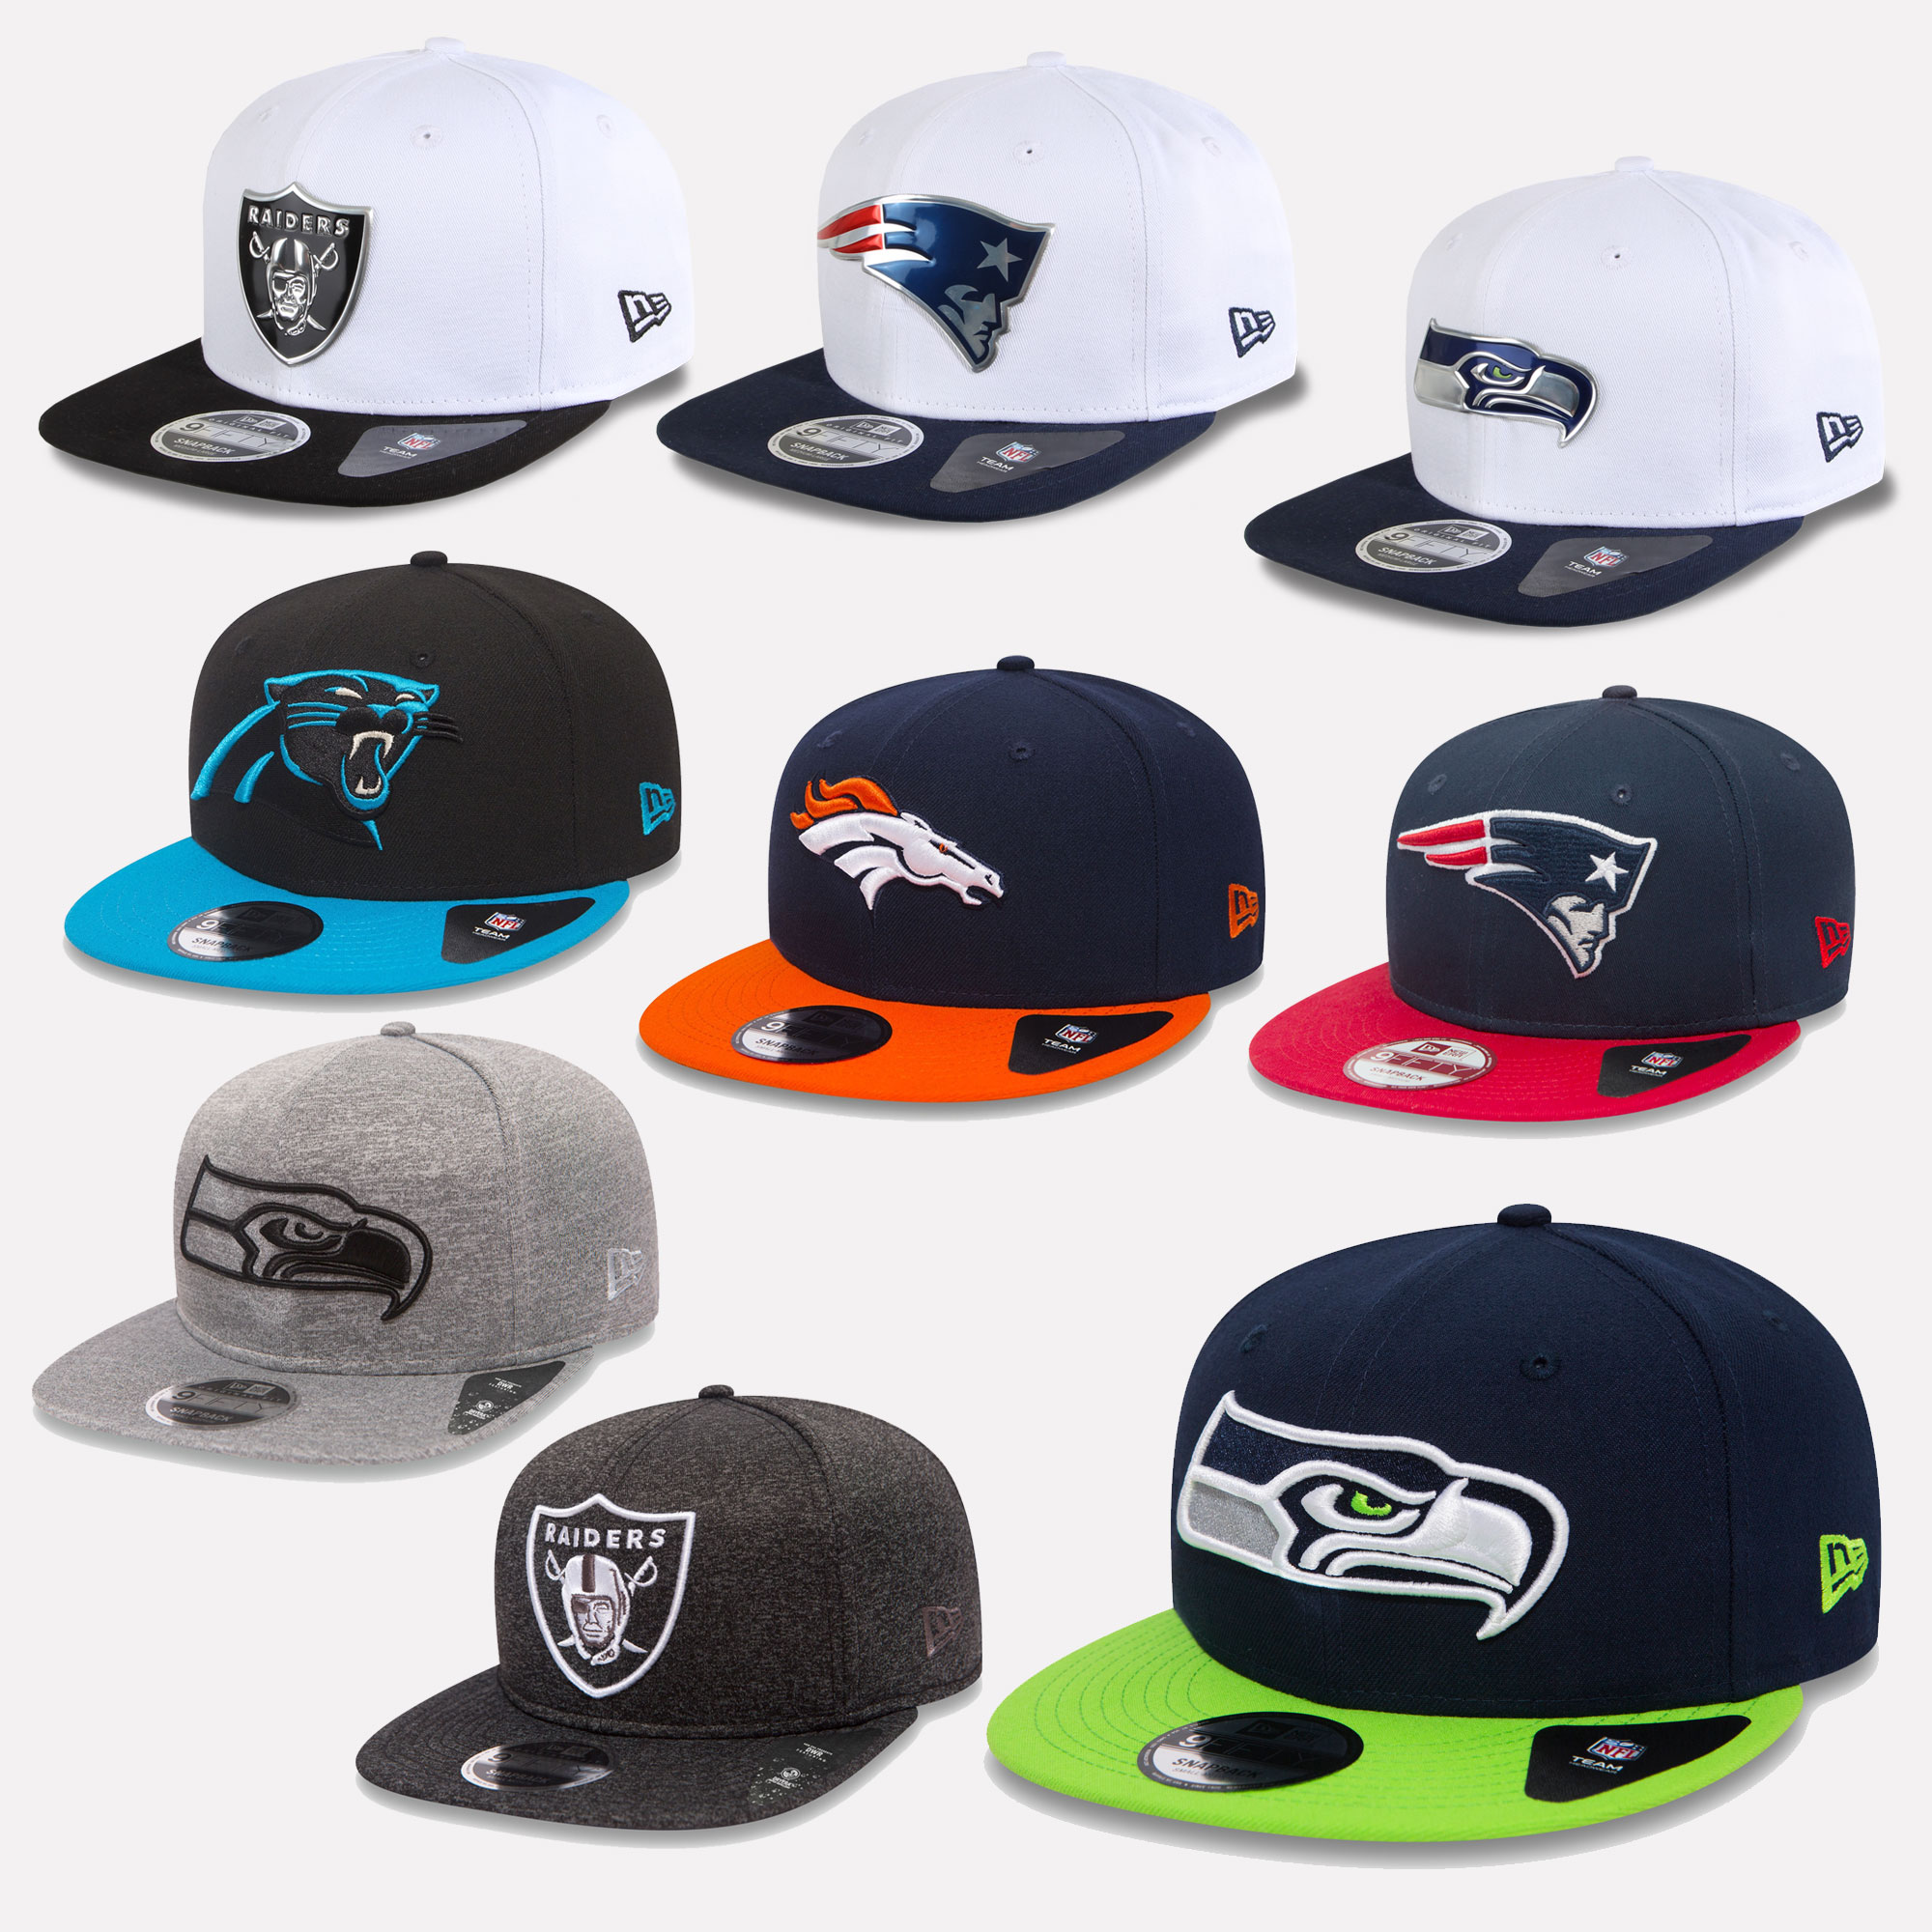 New Era 9fifty Snapback Cap NFL 2017 The League Seahawks Patriots ... 346bc82d708